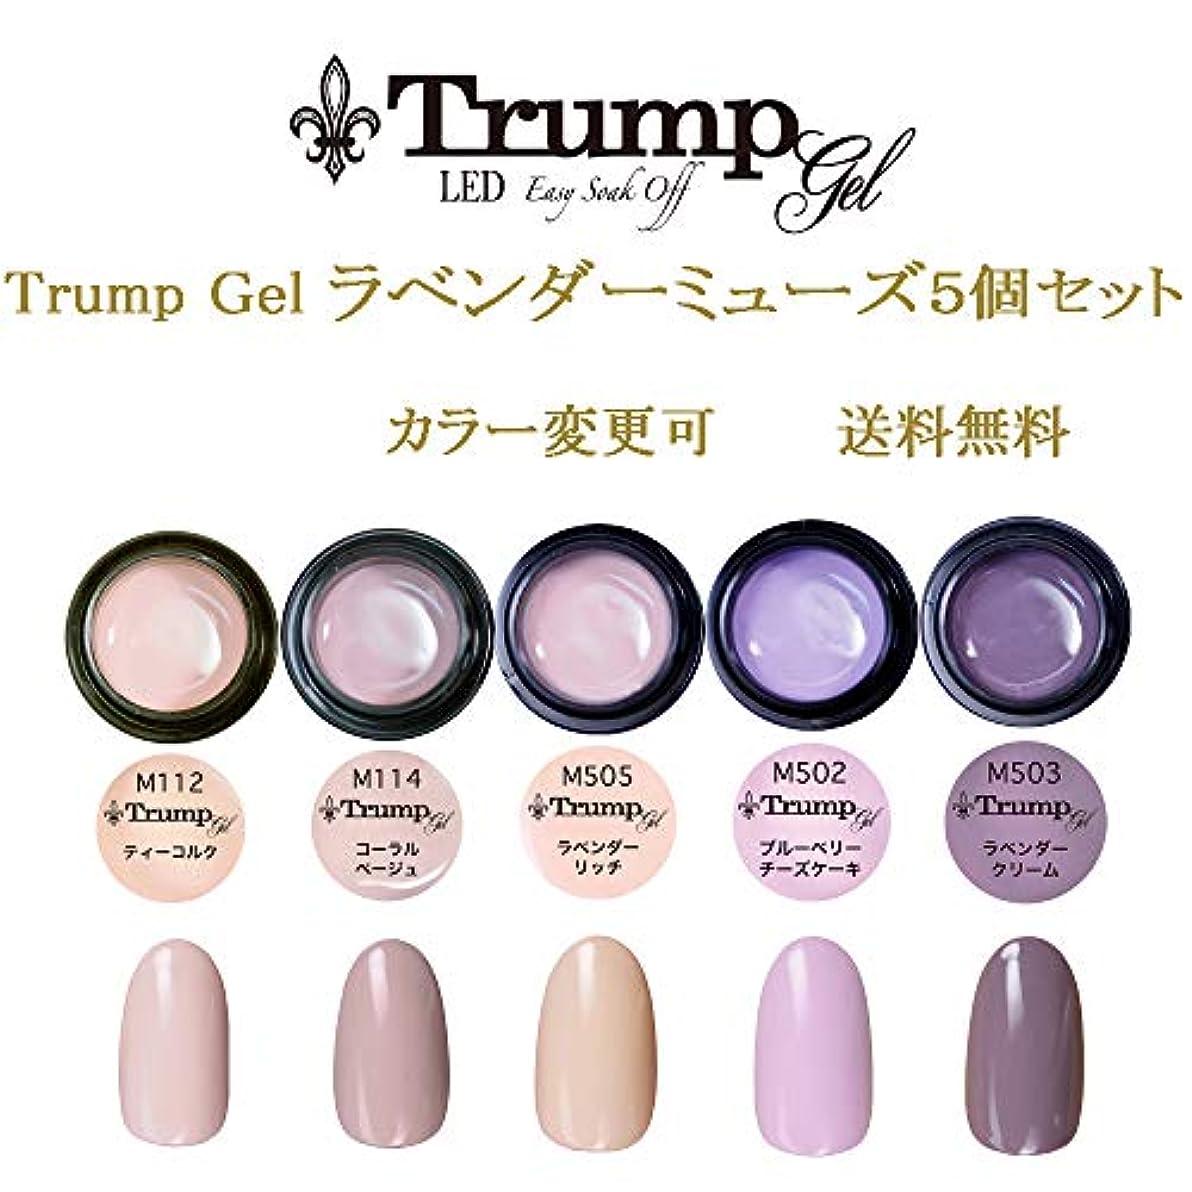 パラナ川蓋破壊的な日本製 Trump gel トランプジェル ラベンダーミューズカラー 選べる カラージェル 5個セット ピンク ベージュ ラベンダーカラー